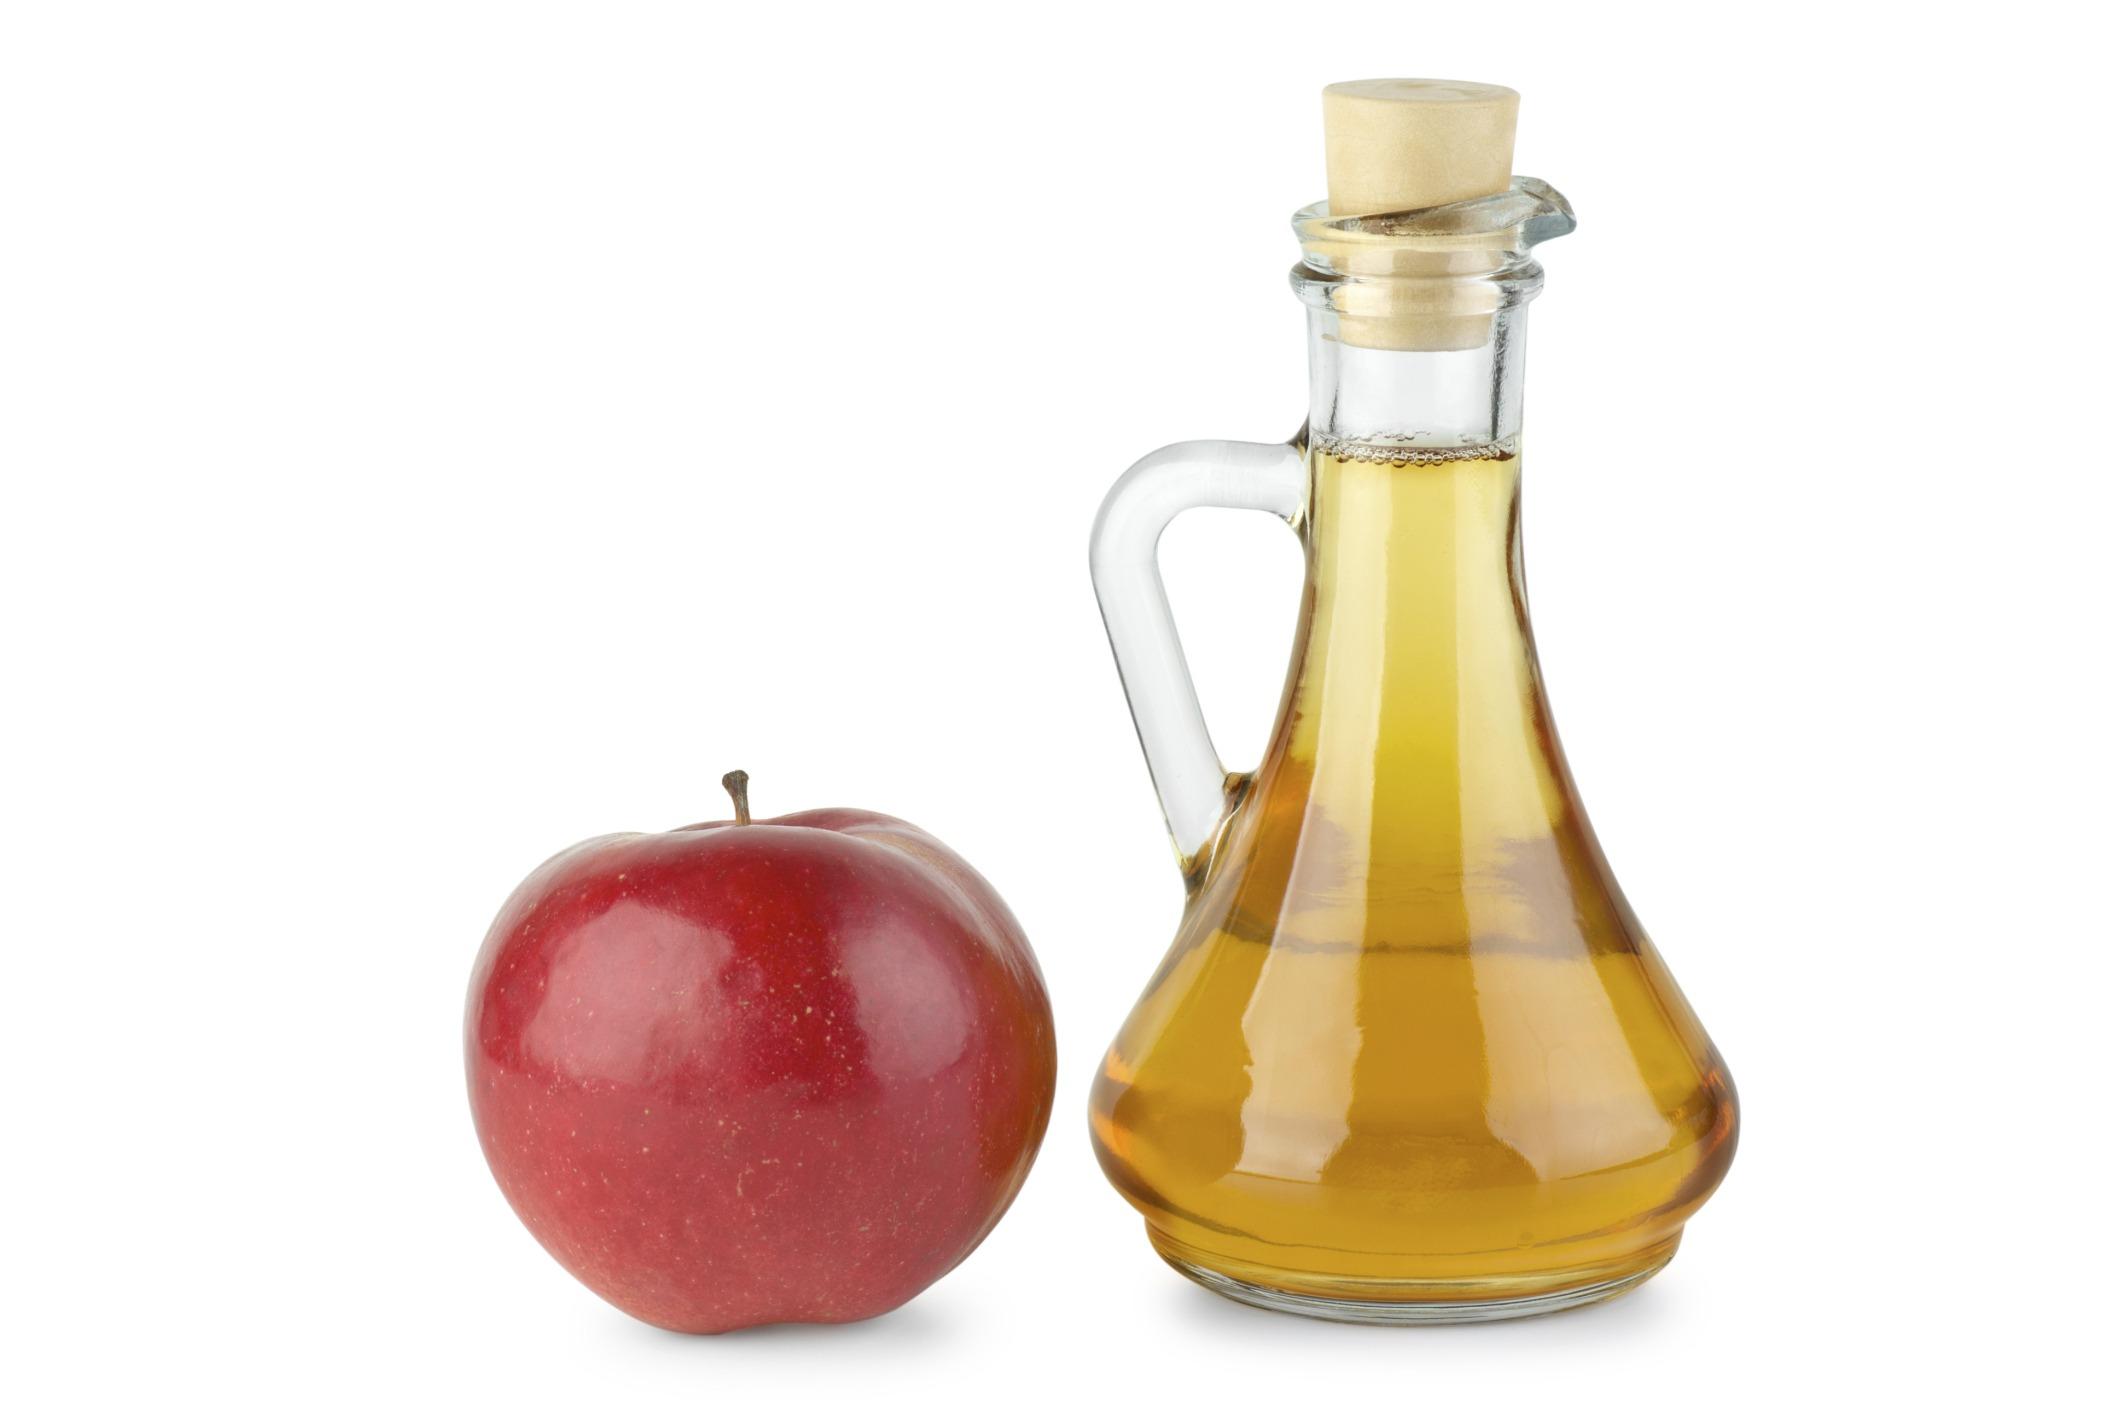 vinagre de maçã para fios brilhosos - como usar vinagre no cabelo